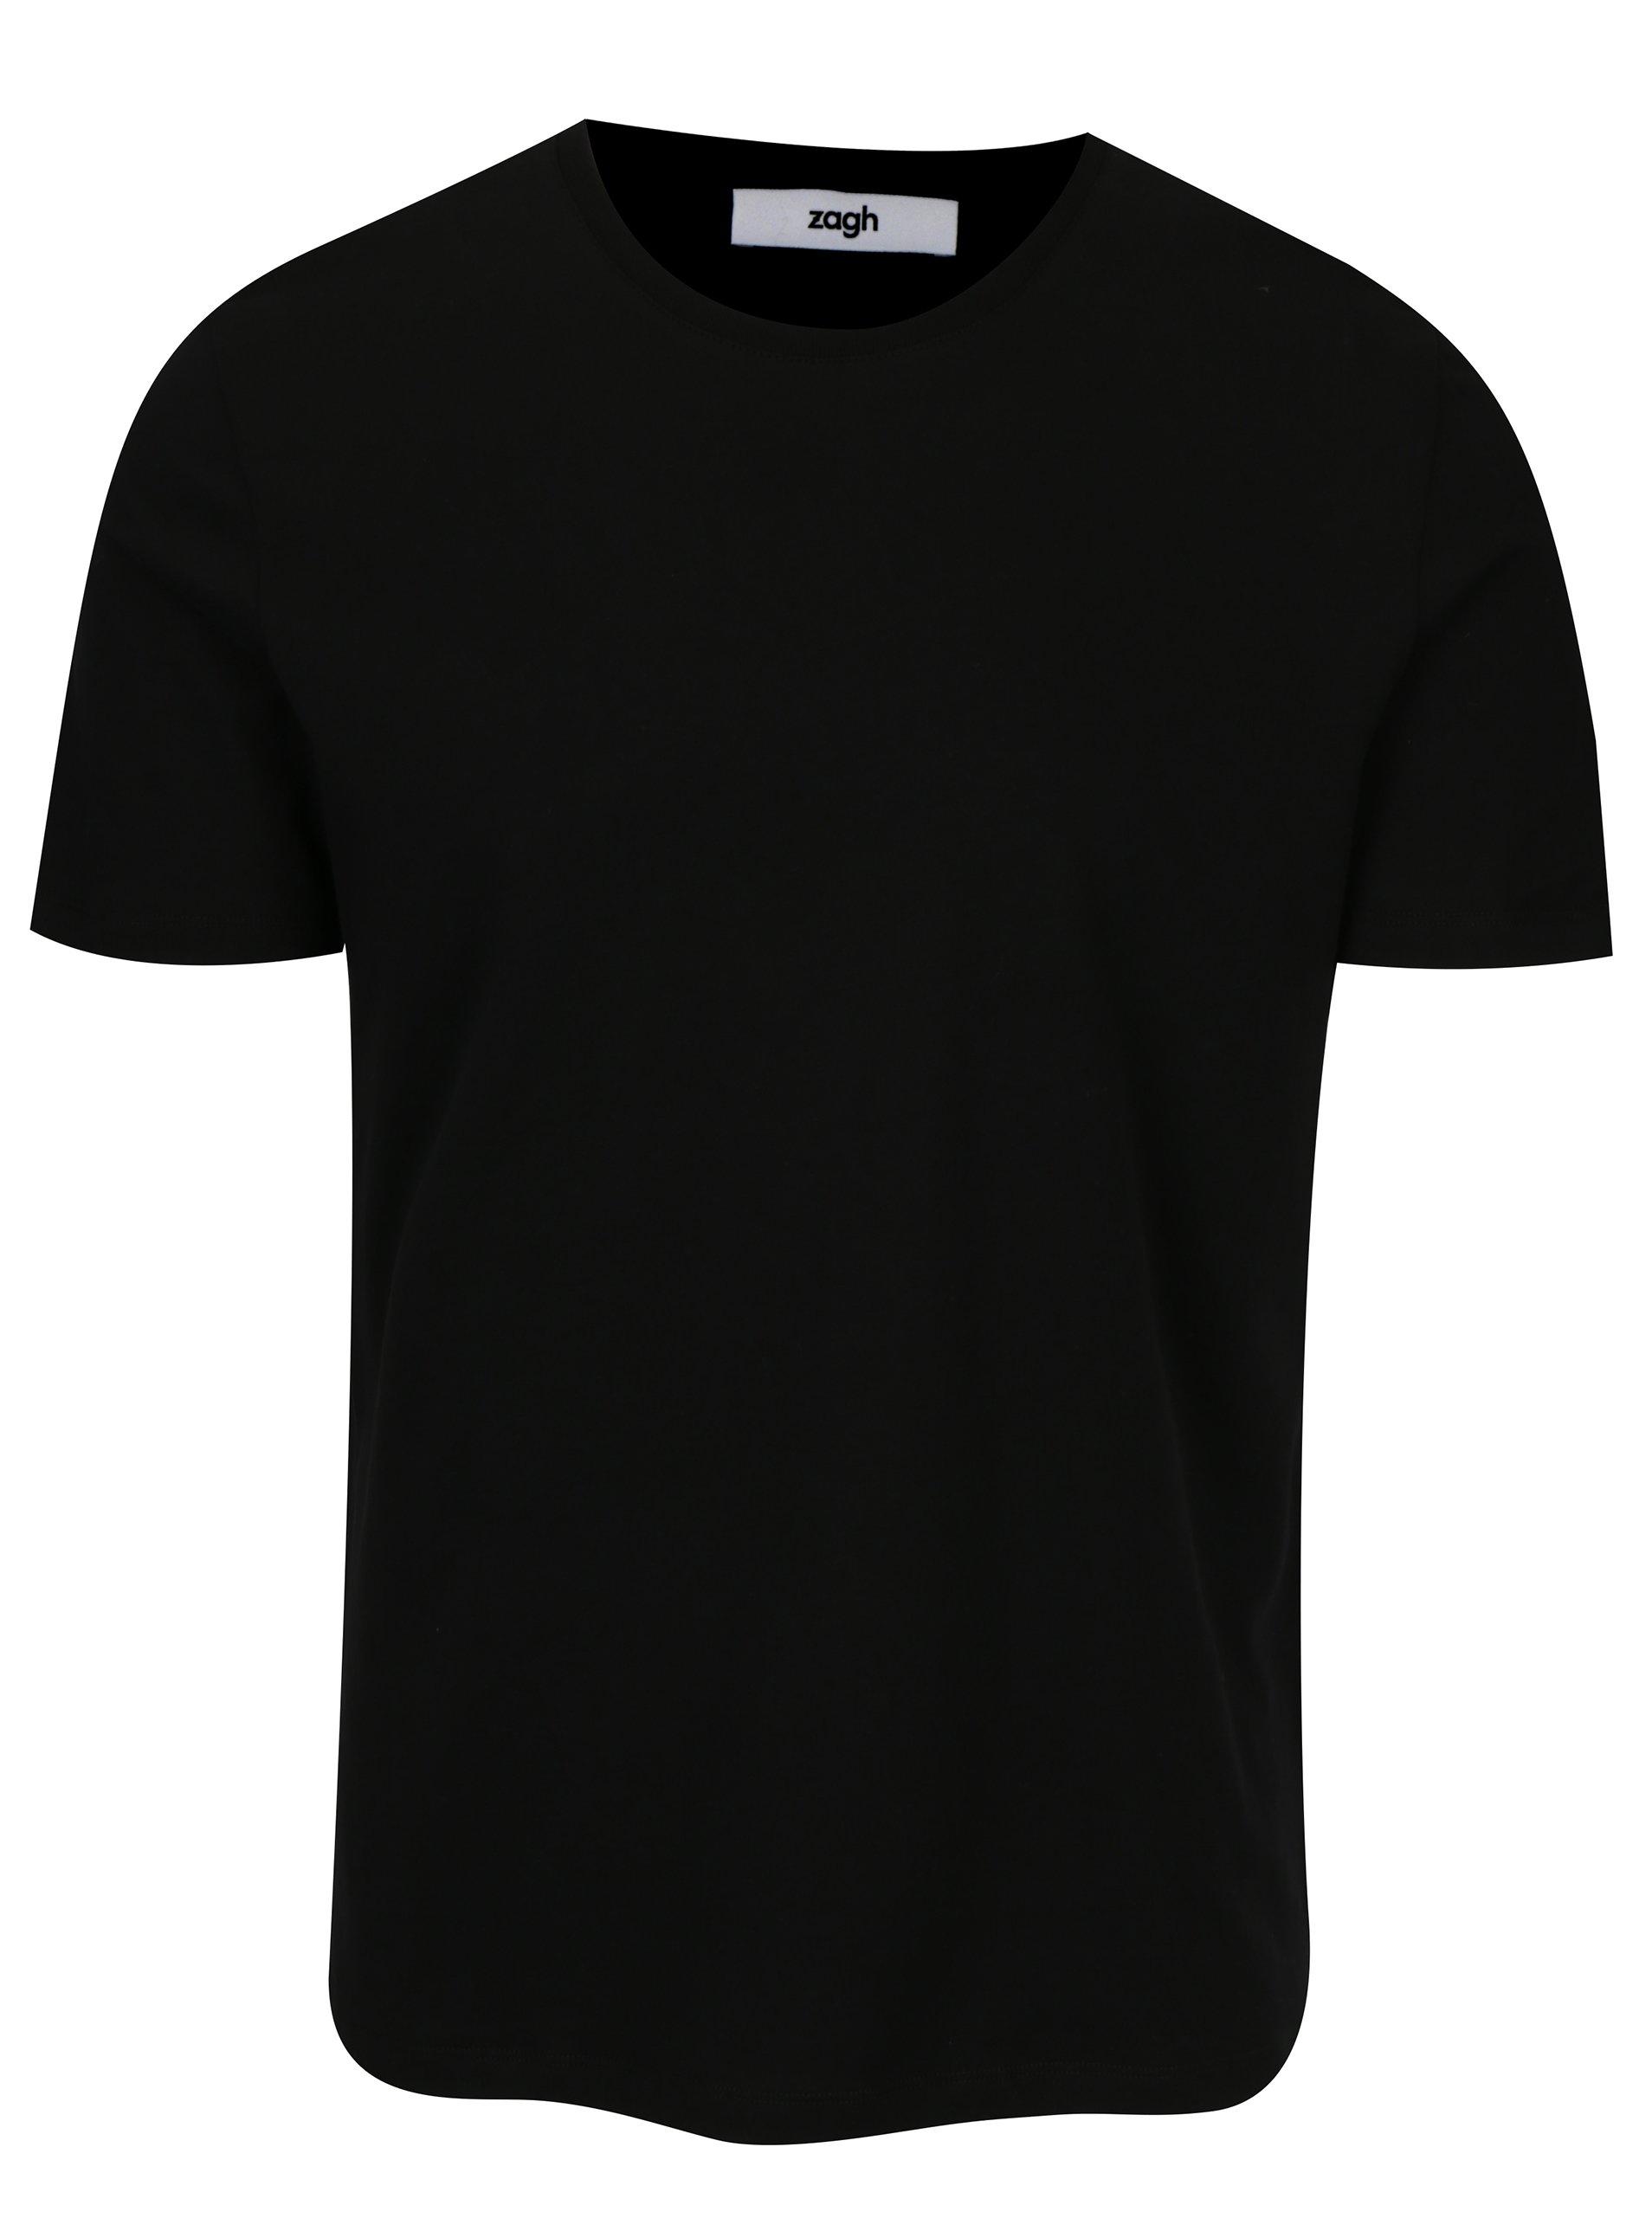 Černé pánské tričko s kulatým výstřihem Zagh